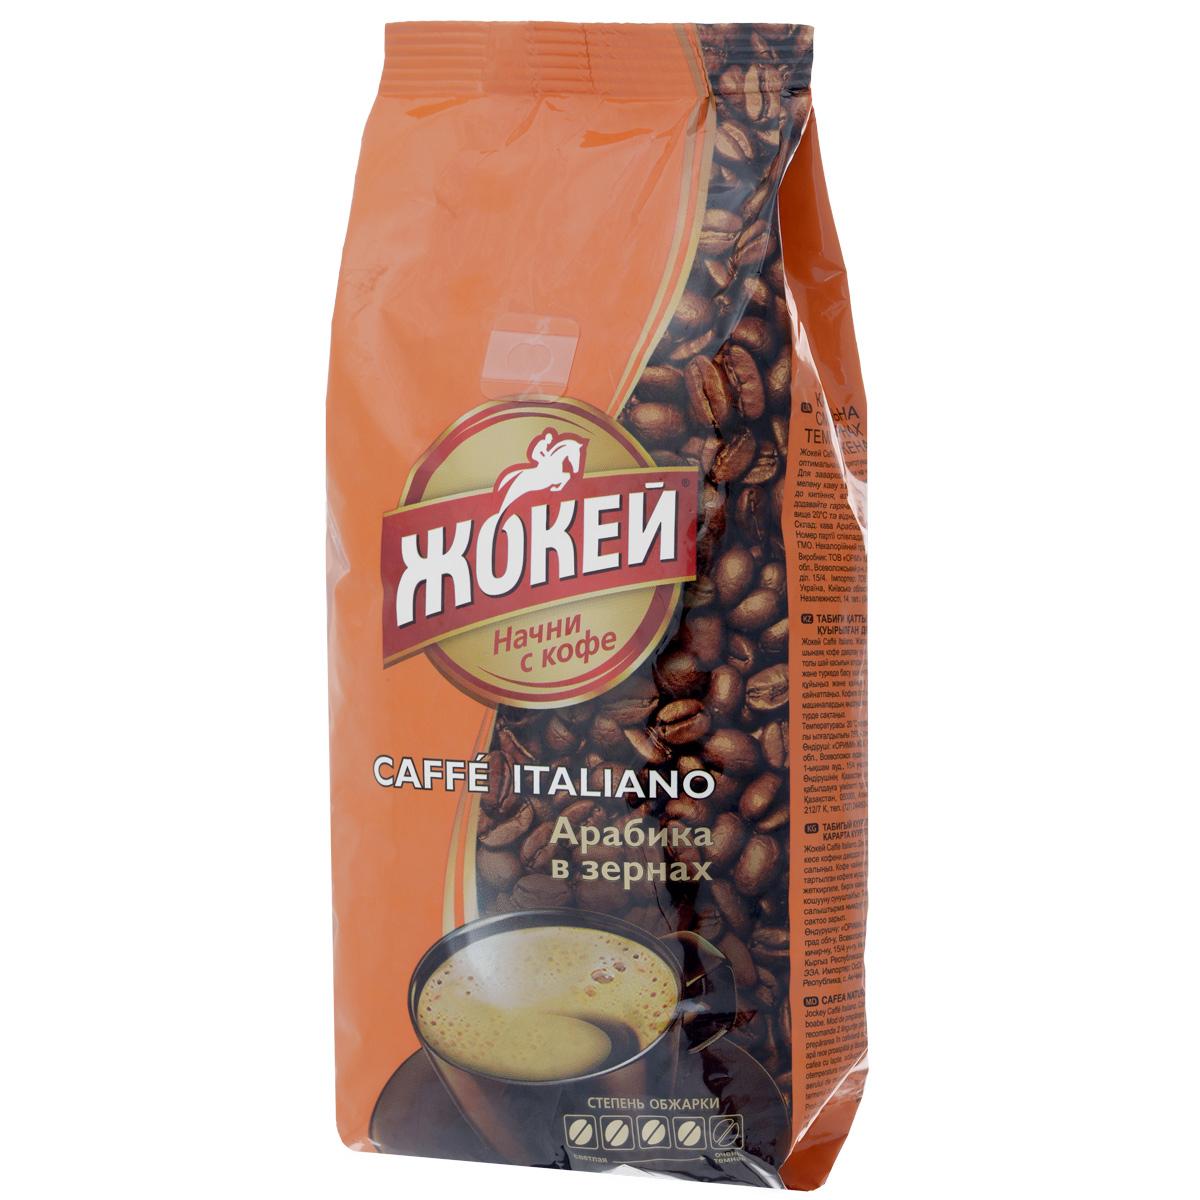 Жокей Кафе Итальяно кофе в зернах, 500 г купить kafe bar v nikolaeve